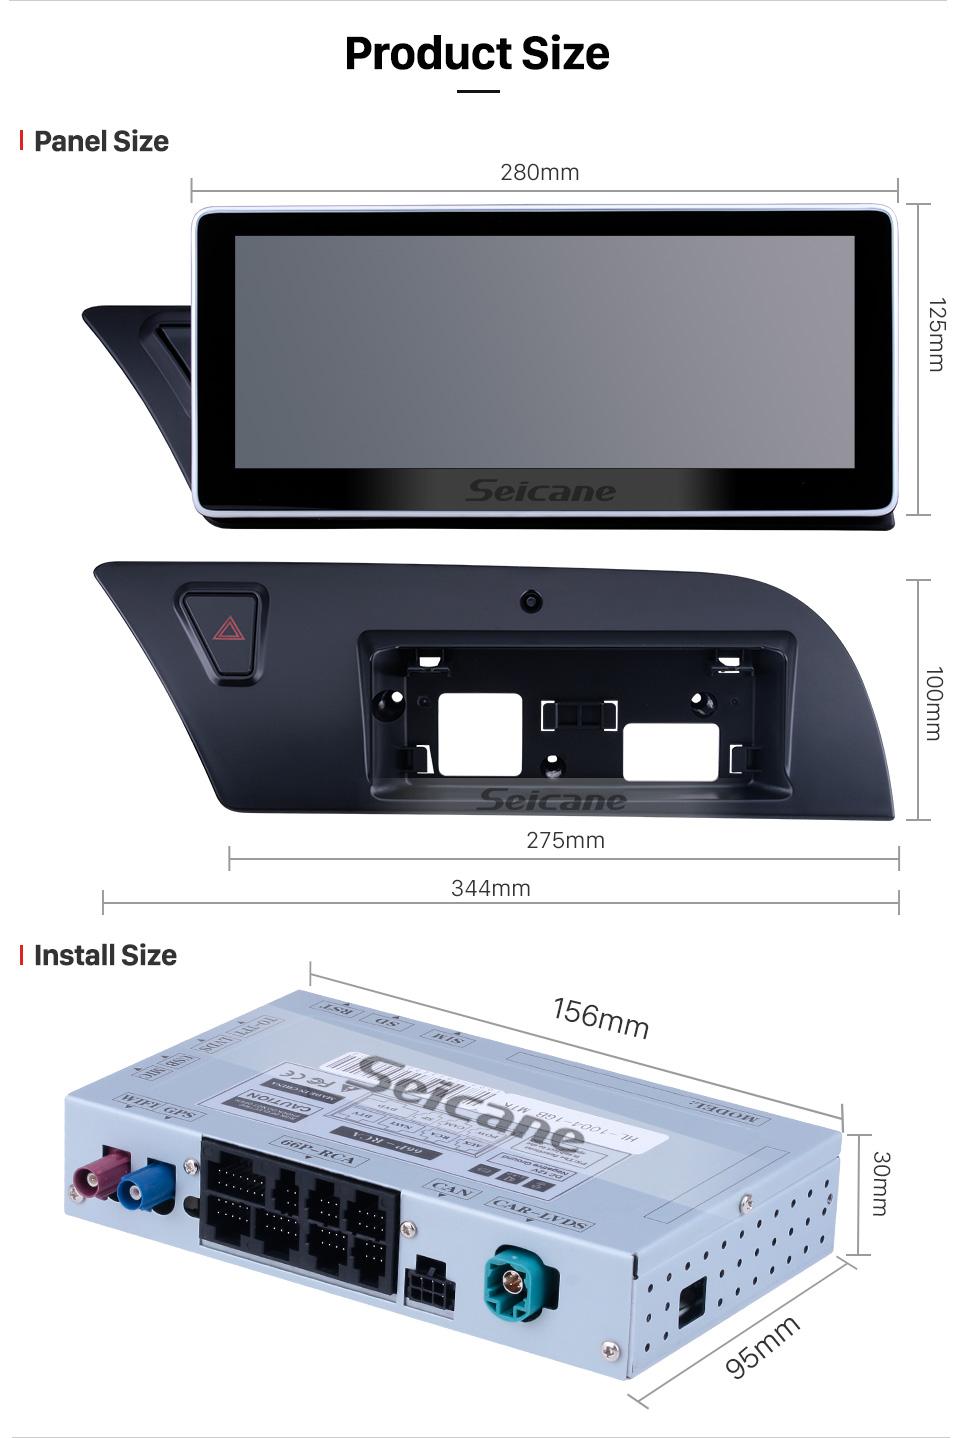 Seicane 10,25-дюймовый Android 9.0 Автомобильный радиоприемник Стерео головное устройство Система GPS-навигации для 2009-2014 AUDI A4 с 1280 * 480 сенсорным экраном Музыка Bluetooth WIFI FM AM Поддержка USB Камера заднего вида Управление рулевого колеса